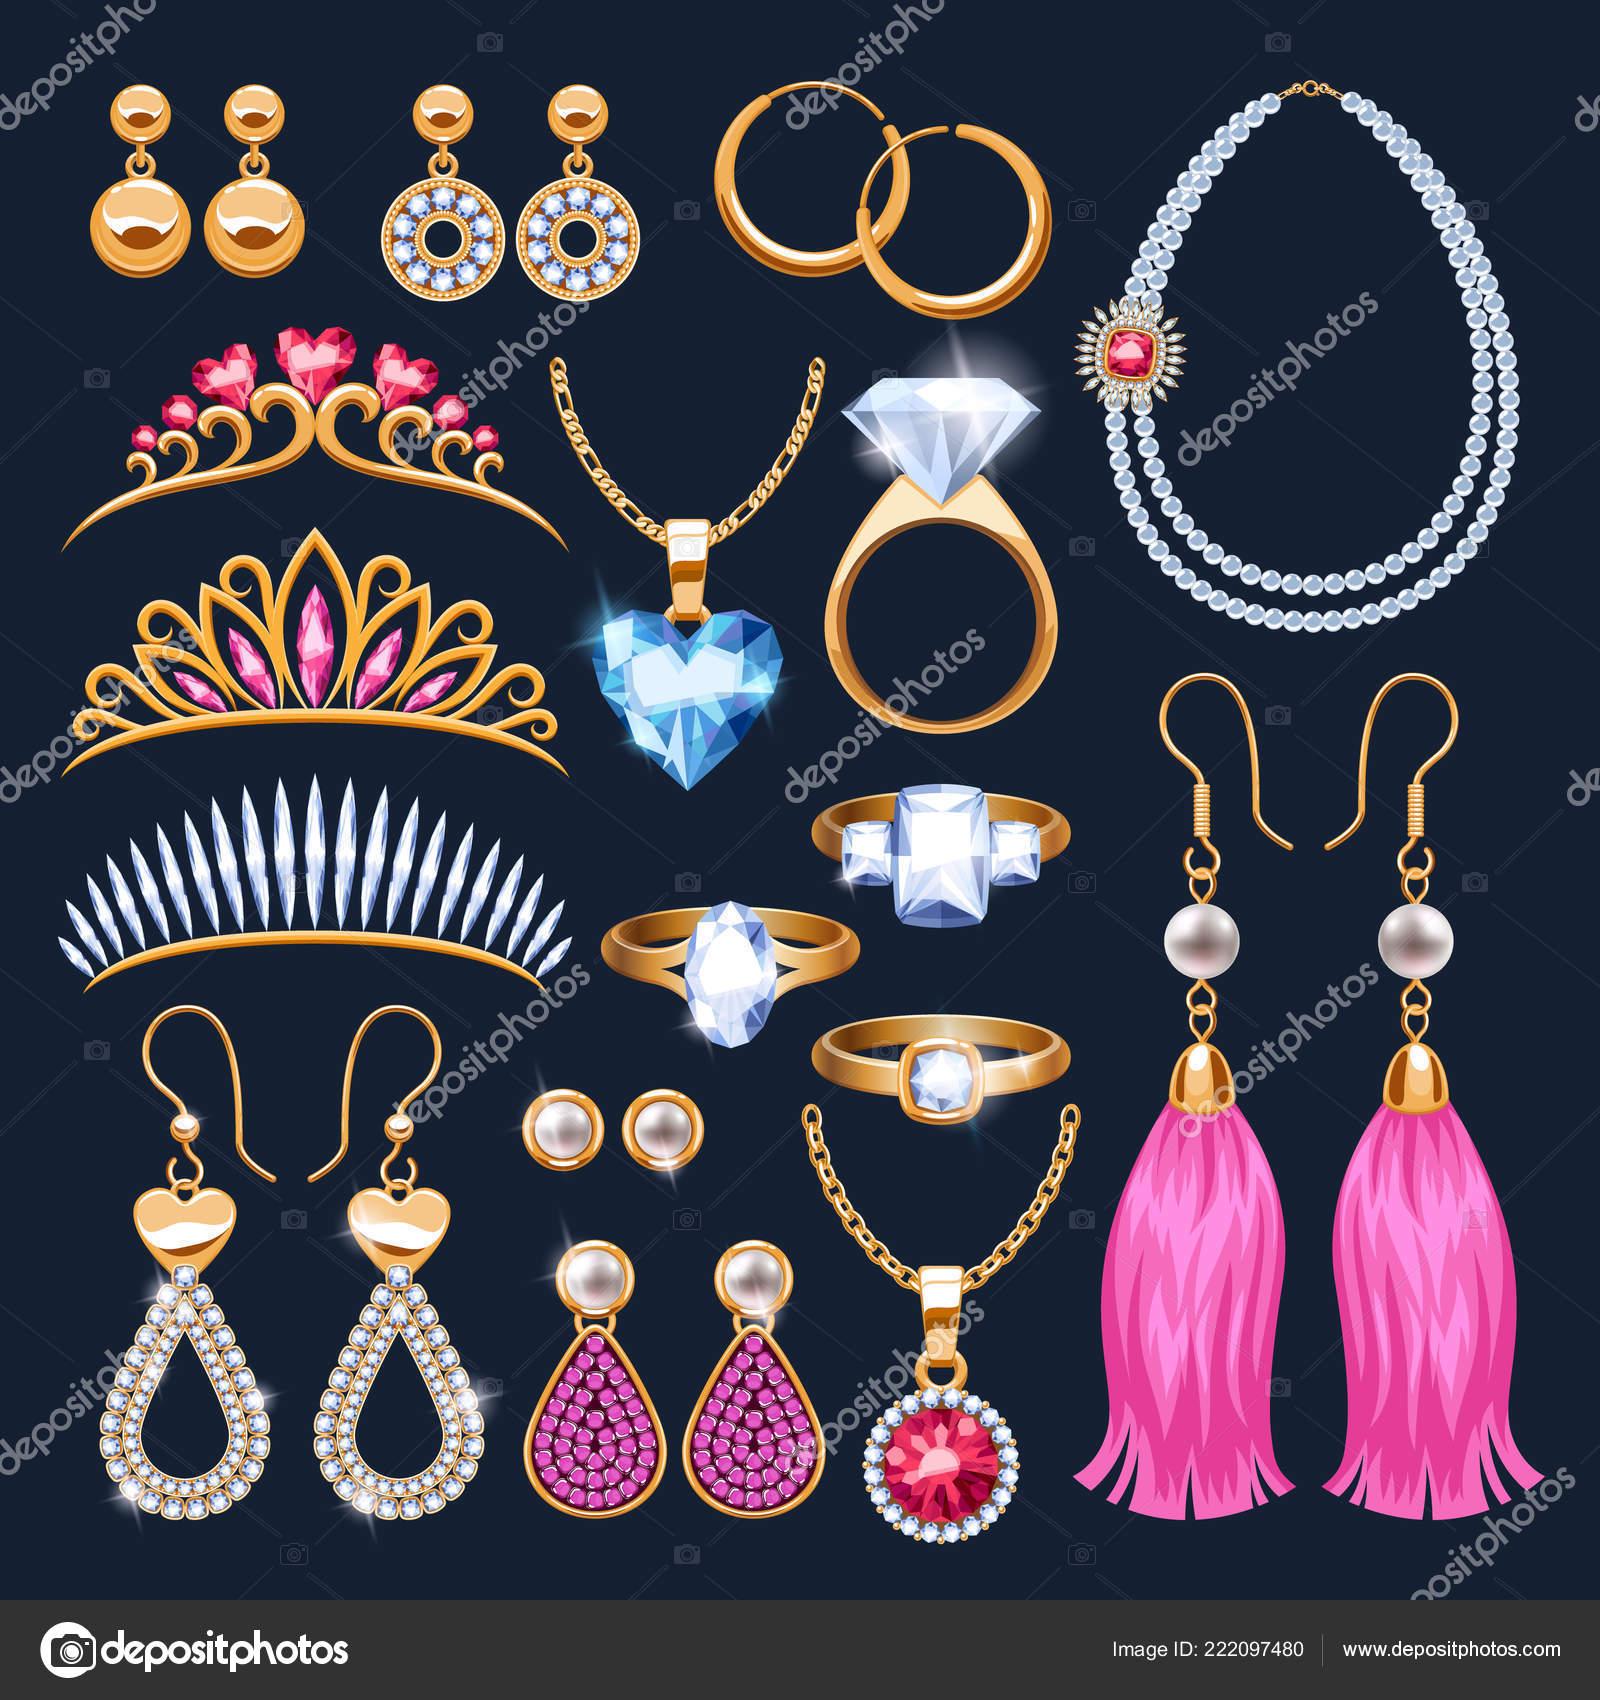 23f4ade8df4f Conjunto de iconos accesorios joyas realistas. Diademas y anillos. Collar y  colgante de piedras preciosas perlas de oro y diamantes vector ilustración.